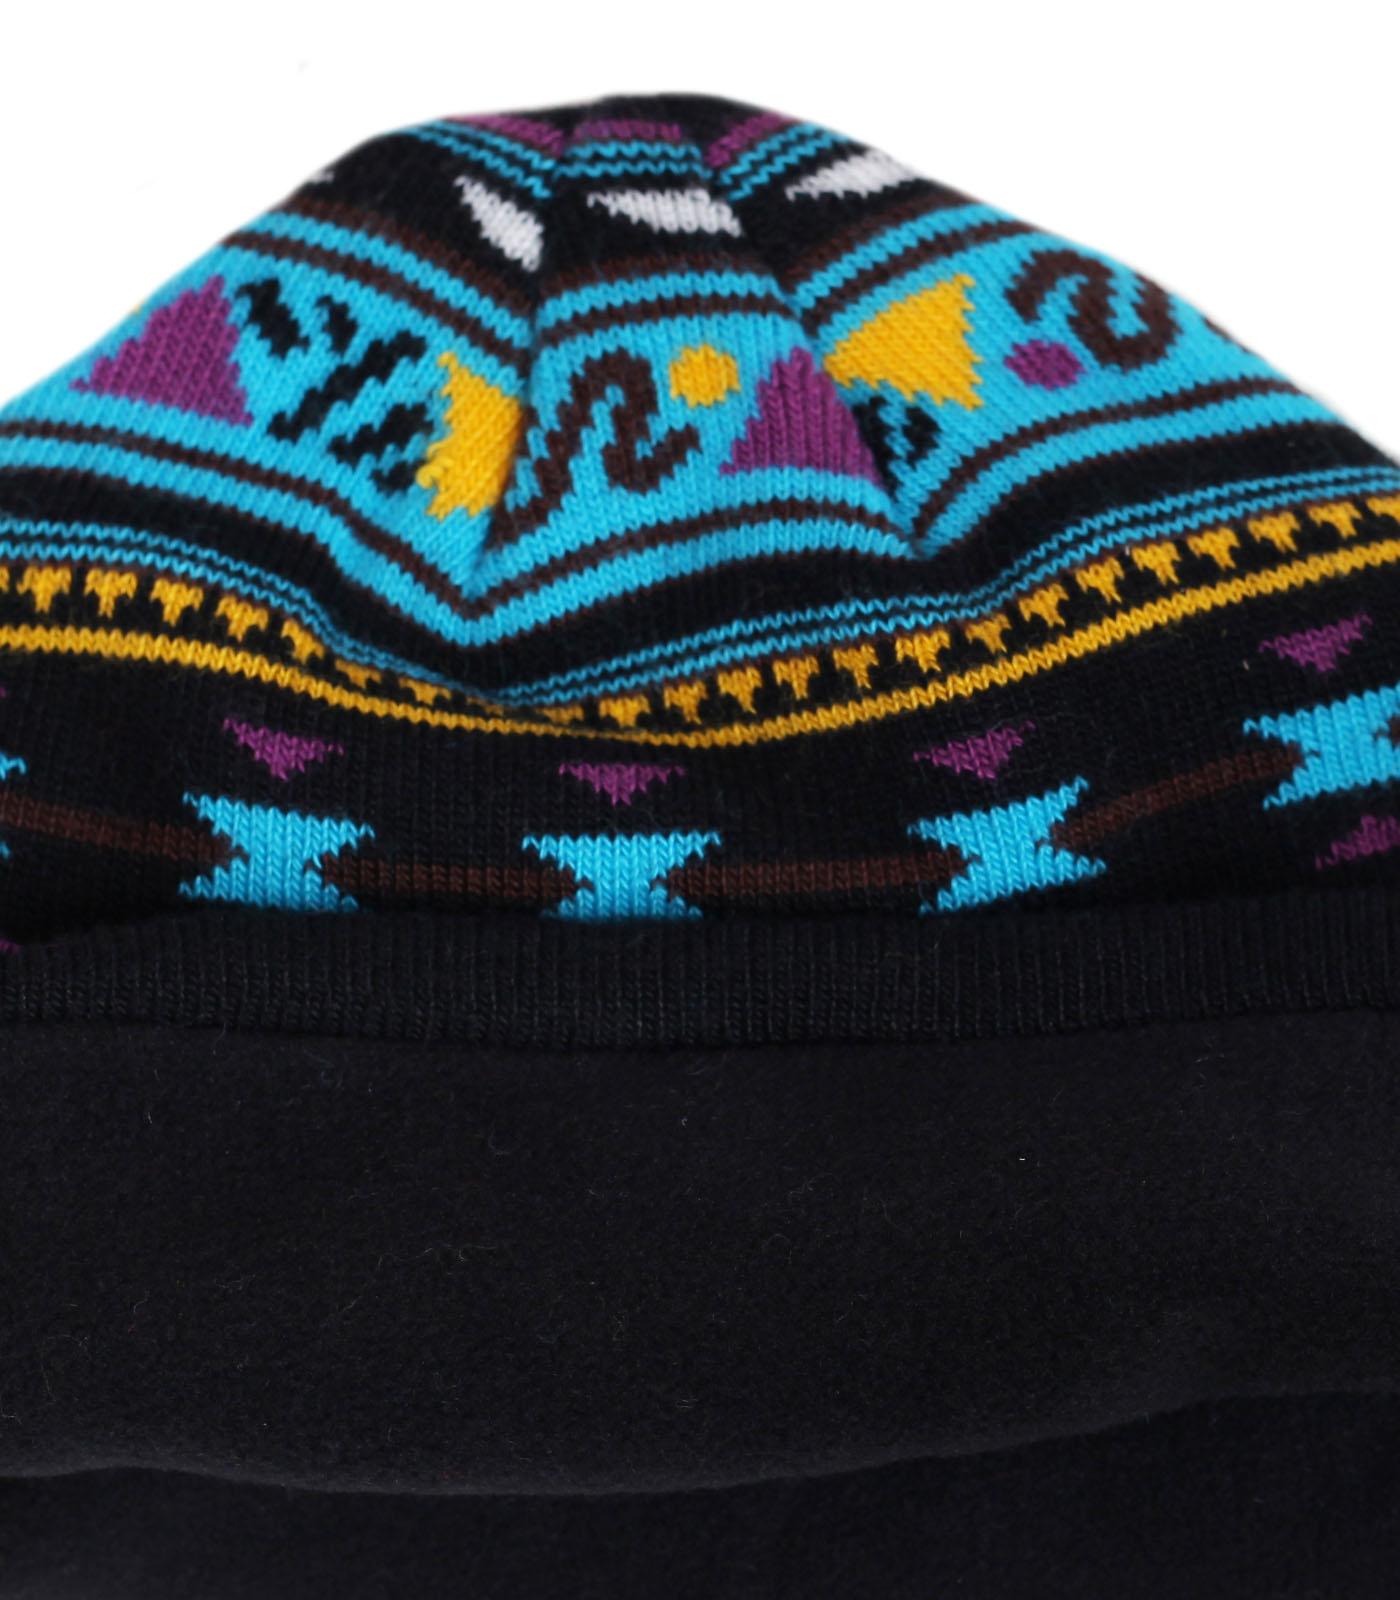 Купить зимнюю жаккардовую шапку бини бренда Neff отличный выбор в гардероб ценителю стиля по лучшей цене